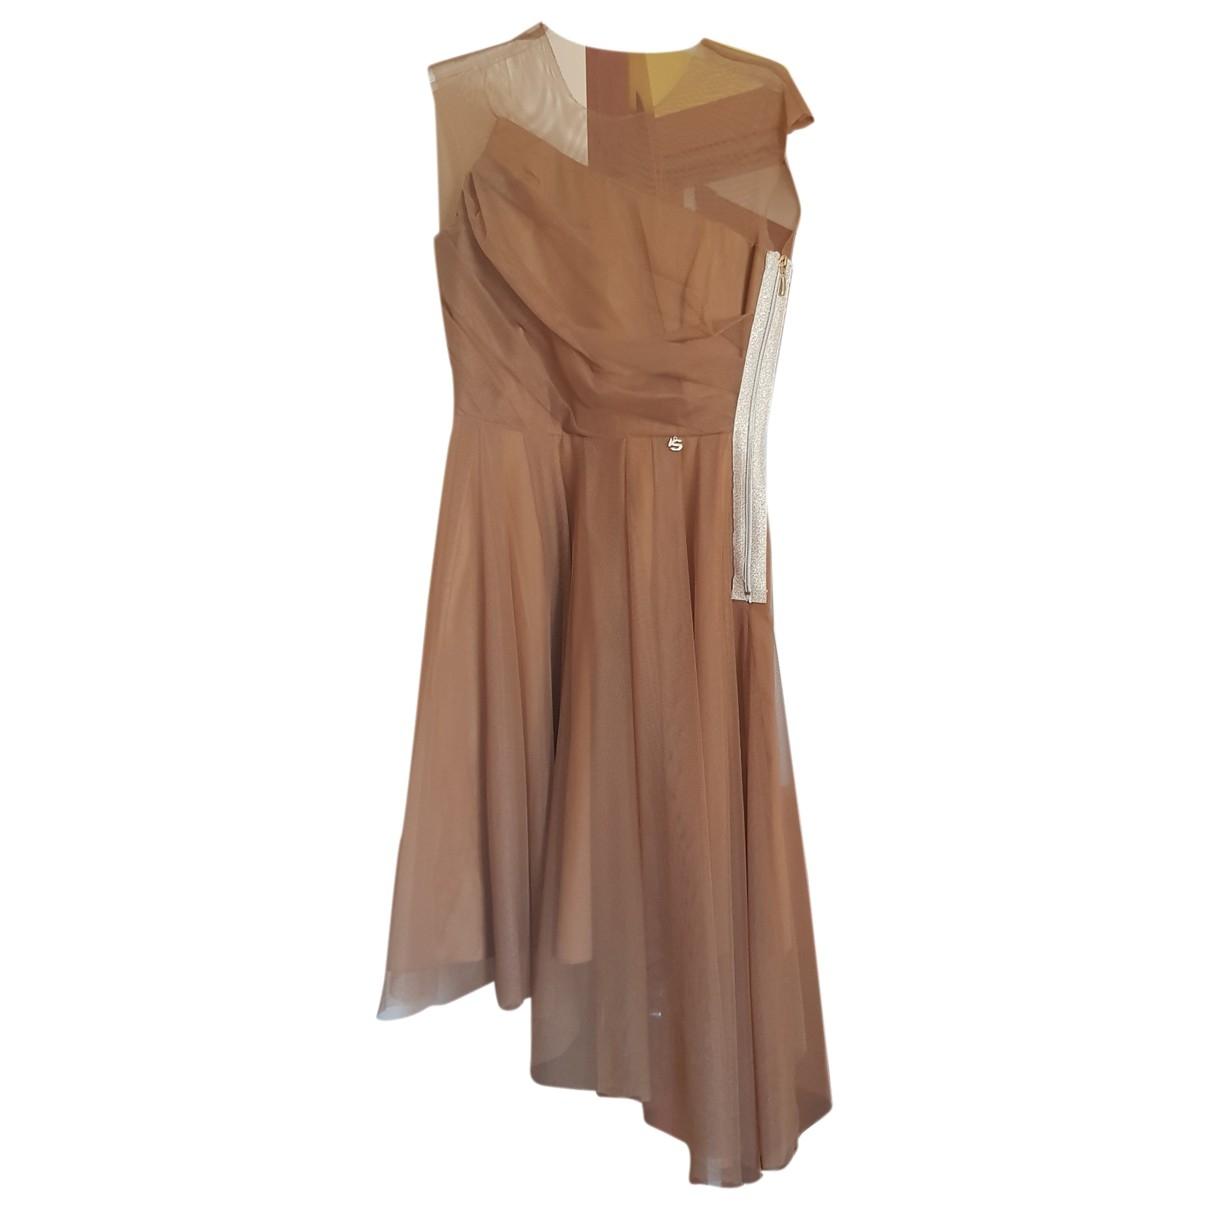 Sistes \N Kleid in  Kamel Polyester